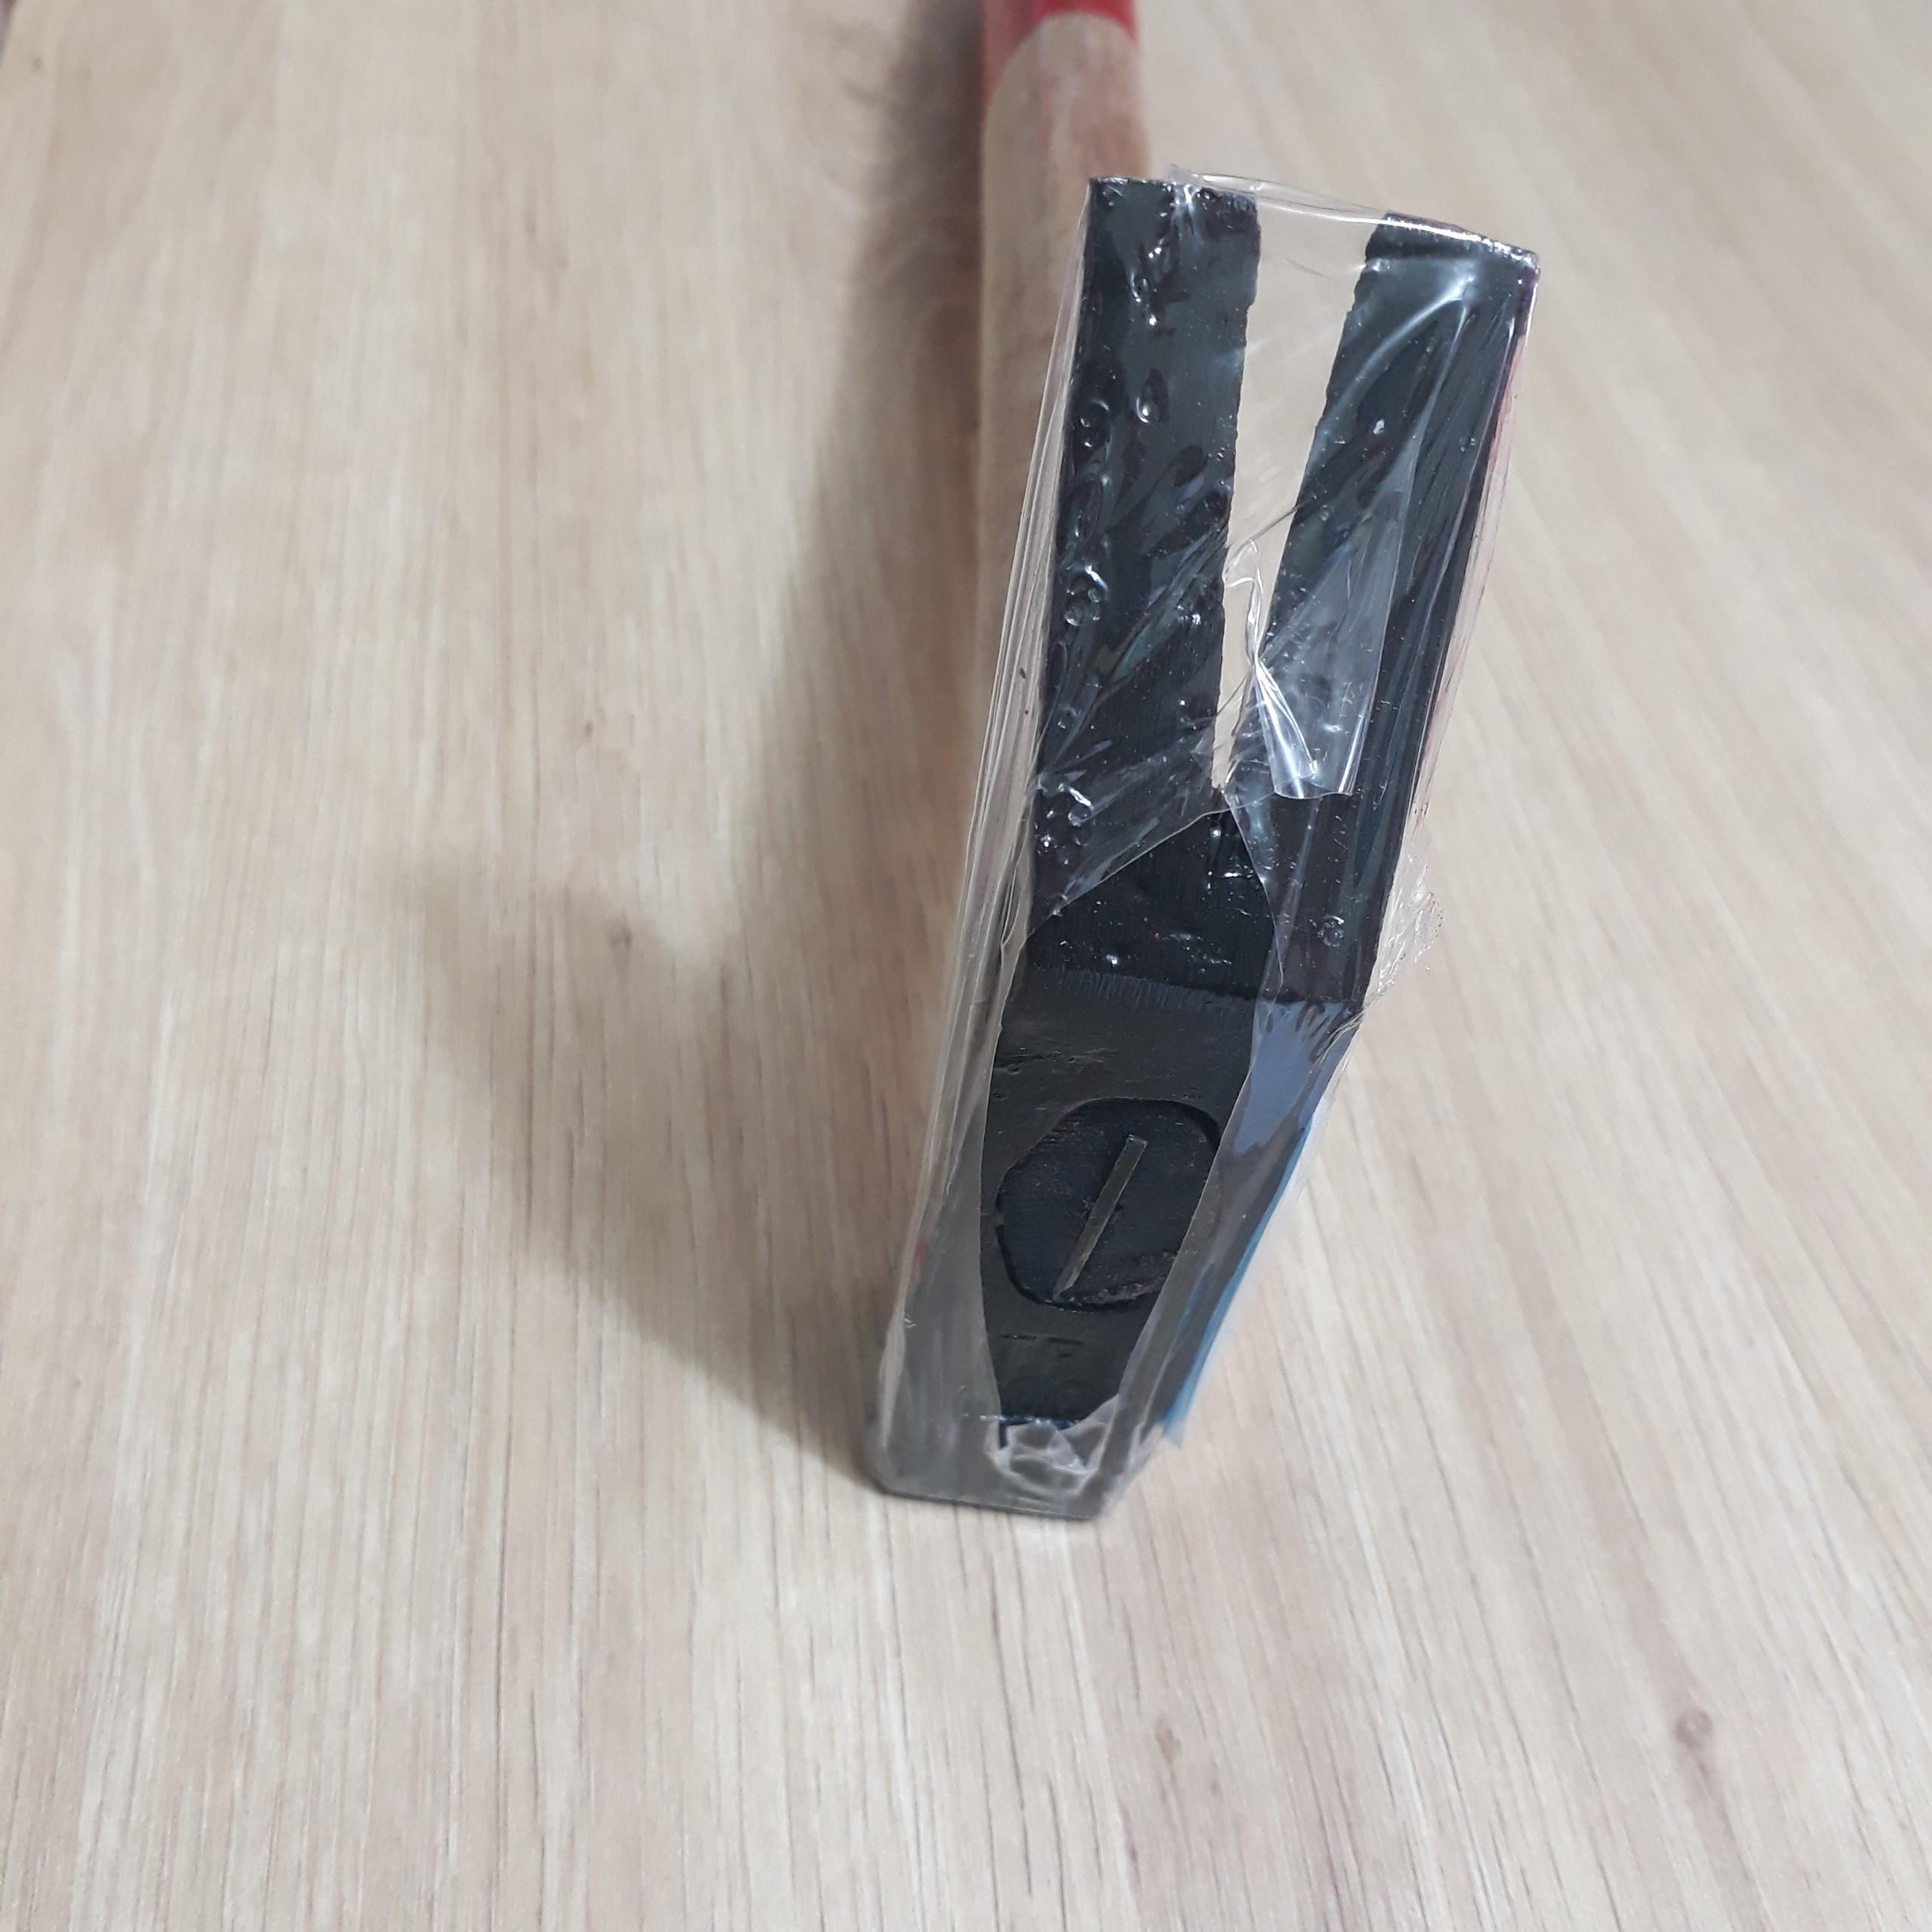 Búa thép cán gỗ 500g Trường Phước  TruongPhuoc | Giá rẻ nhất - Công Ty TNHH Thương Mại Dịch Vụ Đạt Tâm